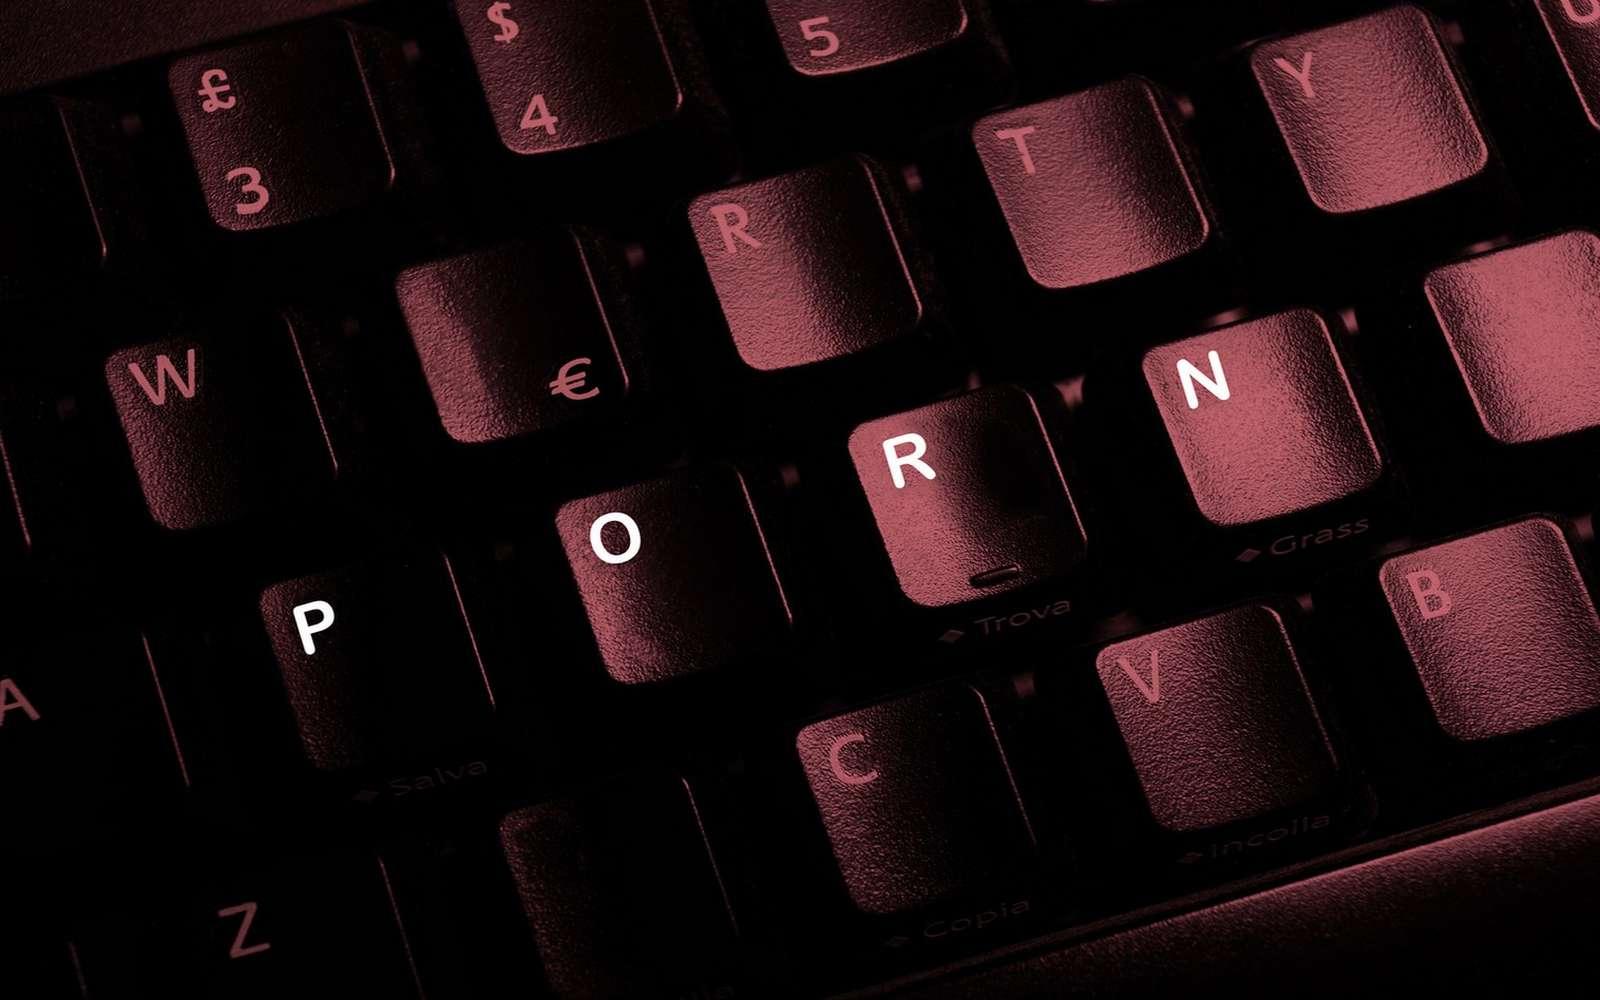 Certaines pages Web pornographiques sont piégées avec des logiciels malveillants qui s'installent à l'insu de l'utilisateur. © Ginettigino, Fotolia